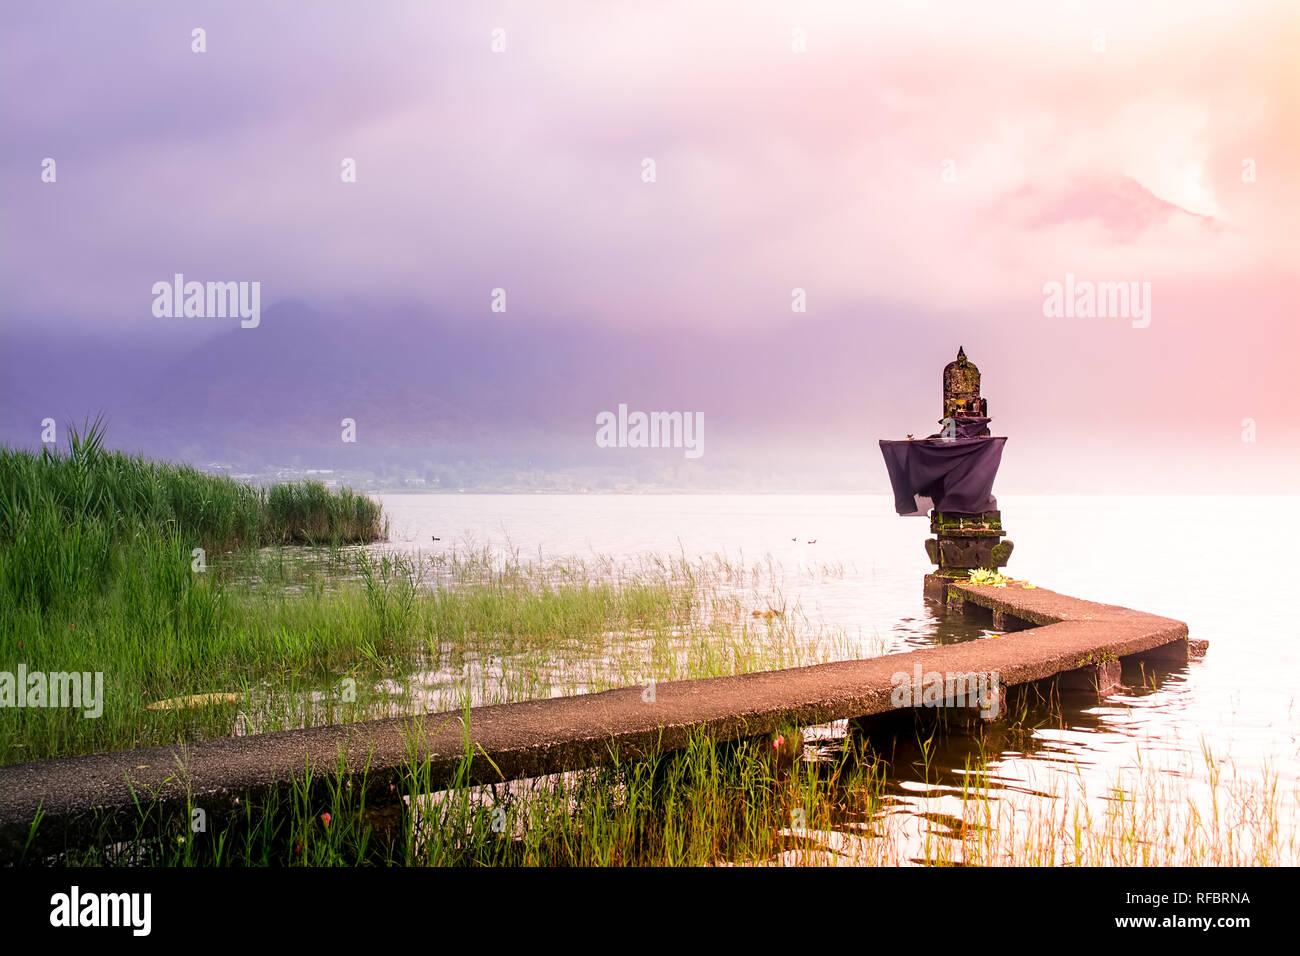 Pequeño templo hindú en el Lago con el puente de conexión durante el amanecer en Bali el día nublado y brumoso con la montaña como telón de fondo. Foto de stock